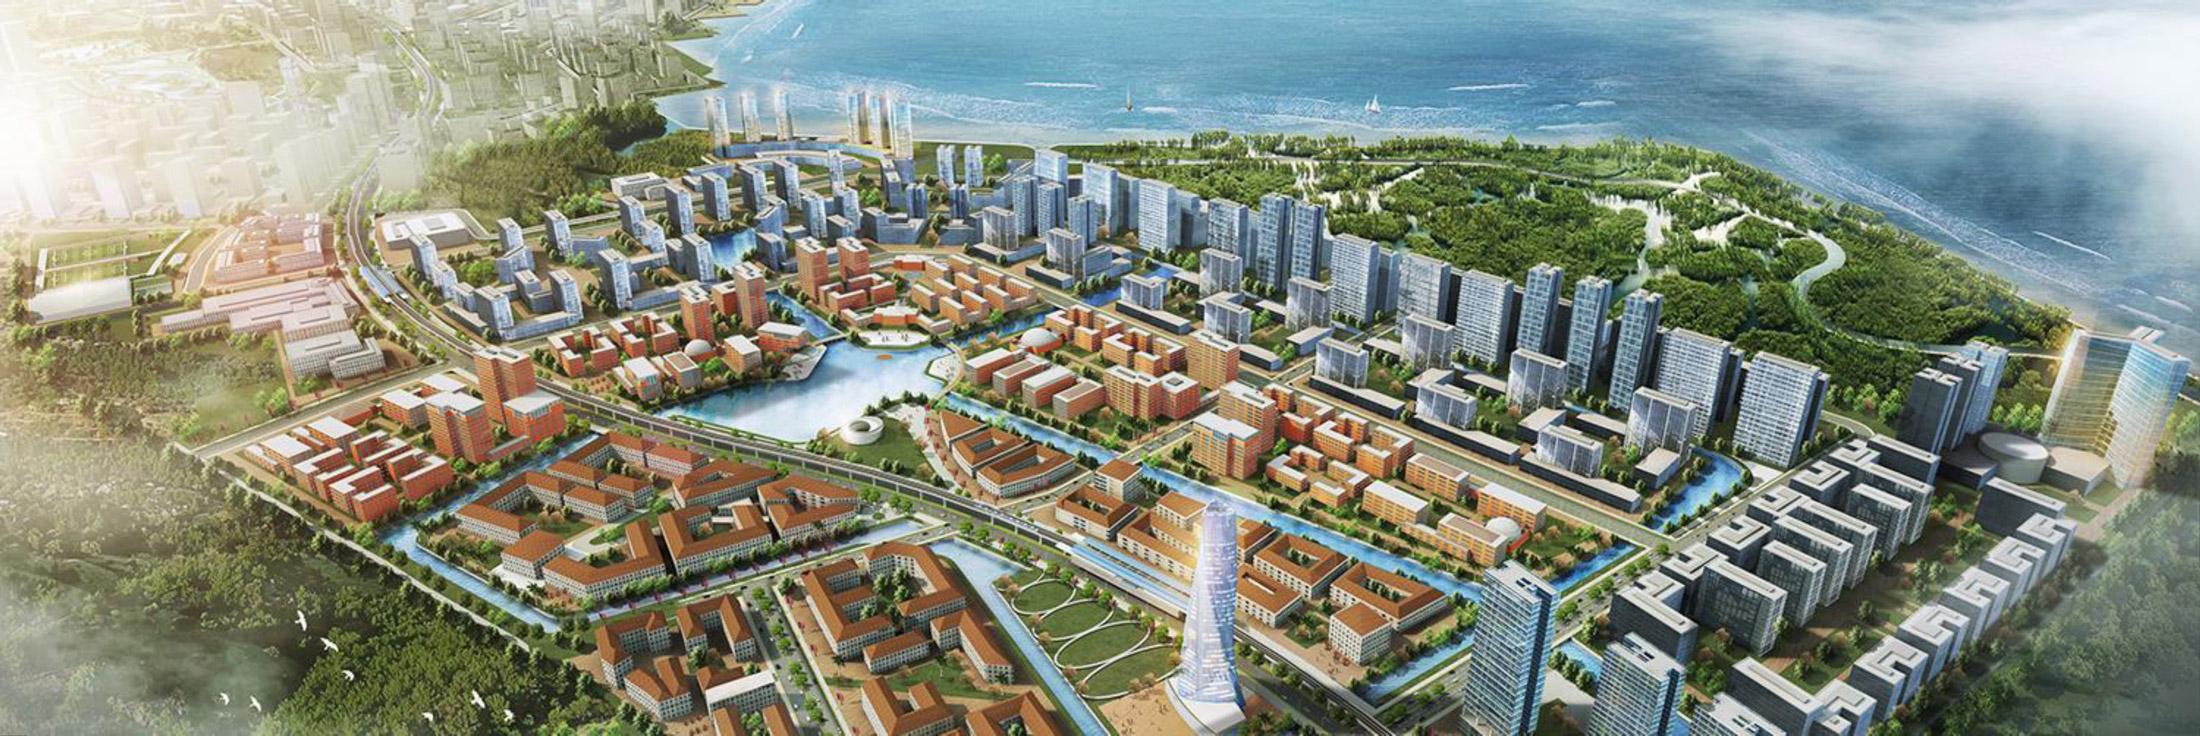 Pik2 Facilities - Edu City